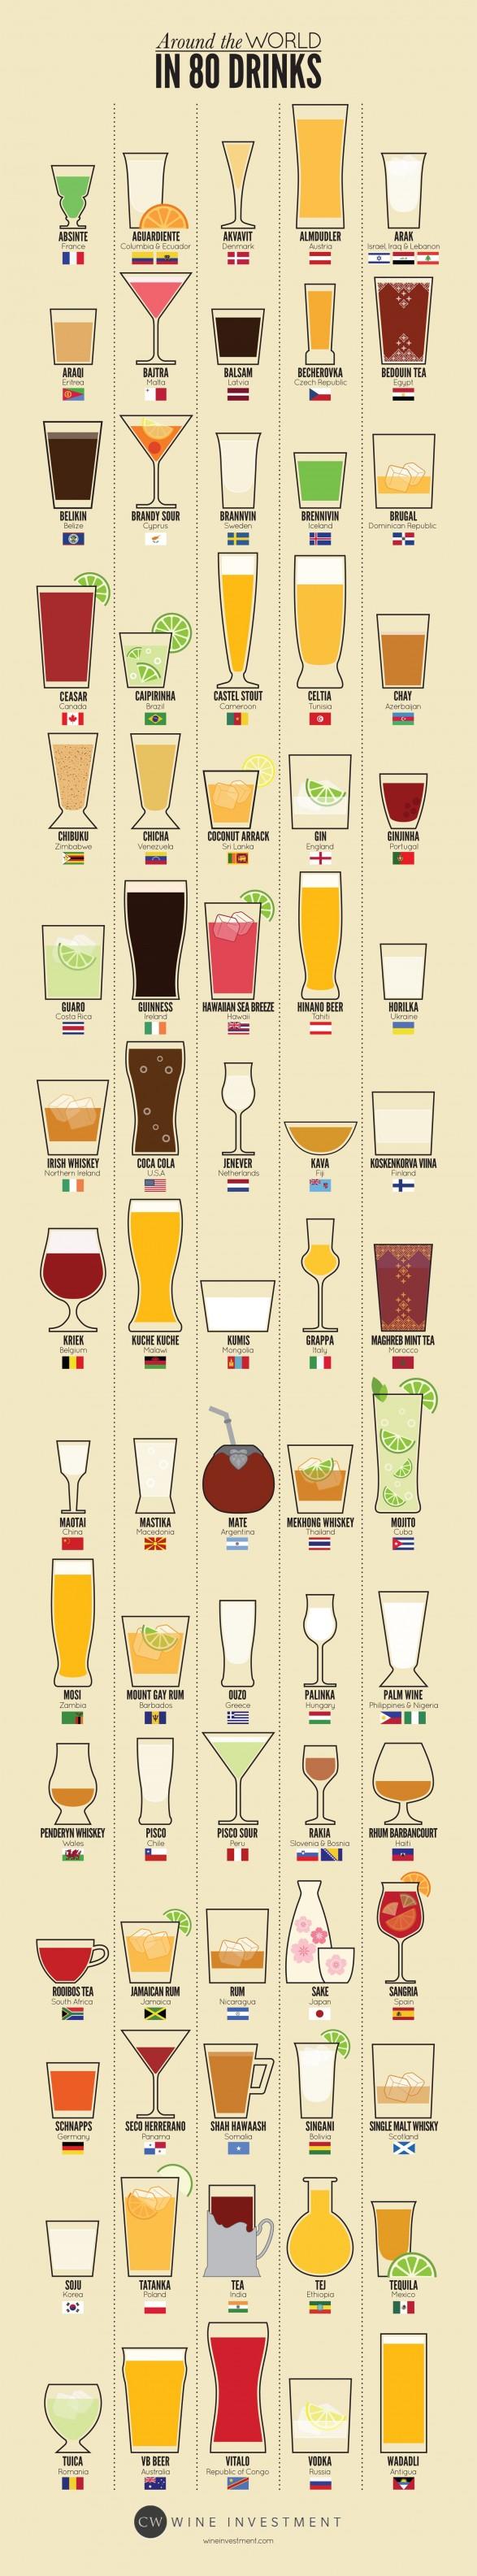 Cocktail più famosi al mondo, infografica